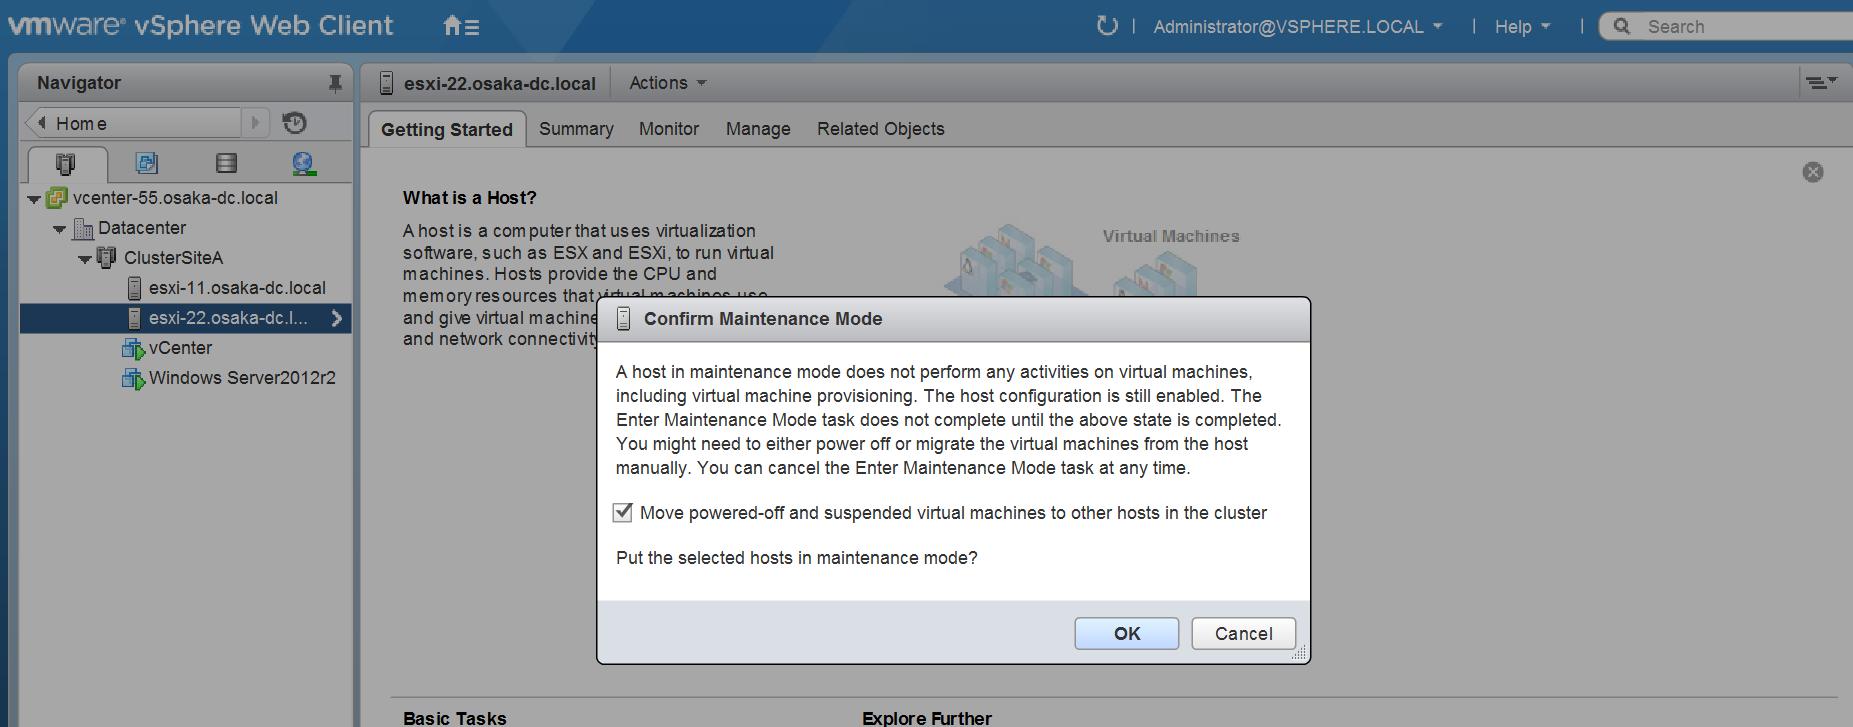 vSphere Patch application guide : Enterprise Cloud Knowledge Center